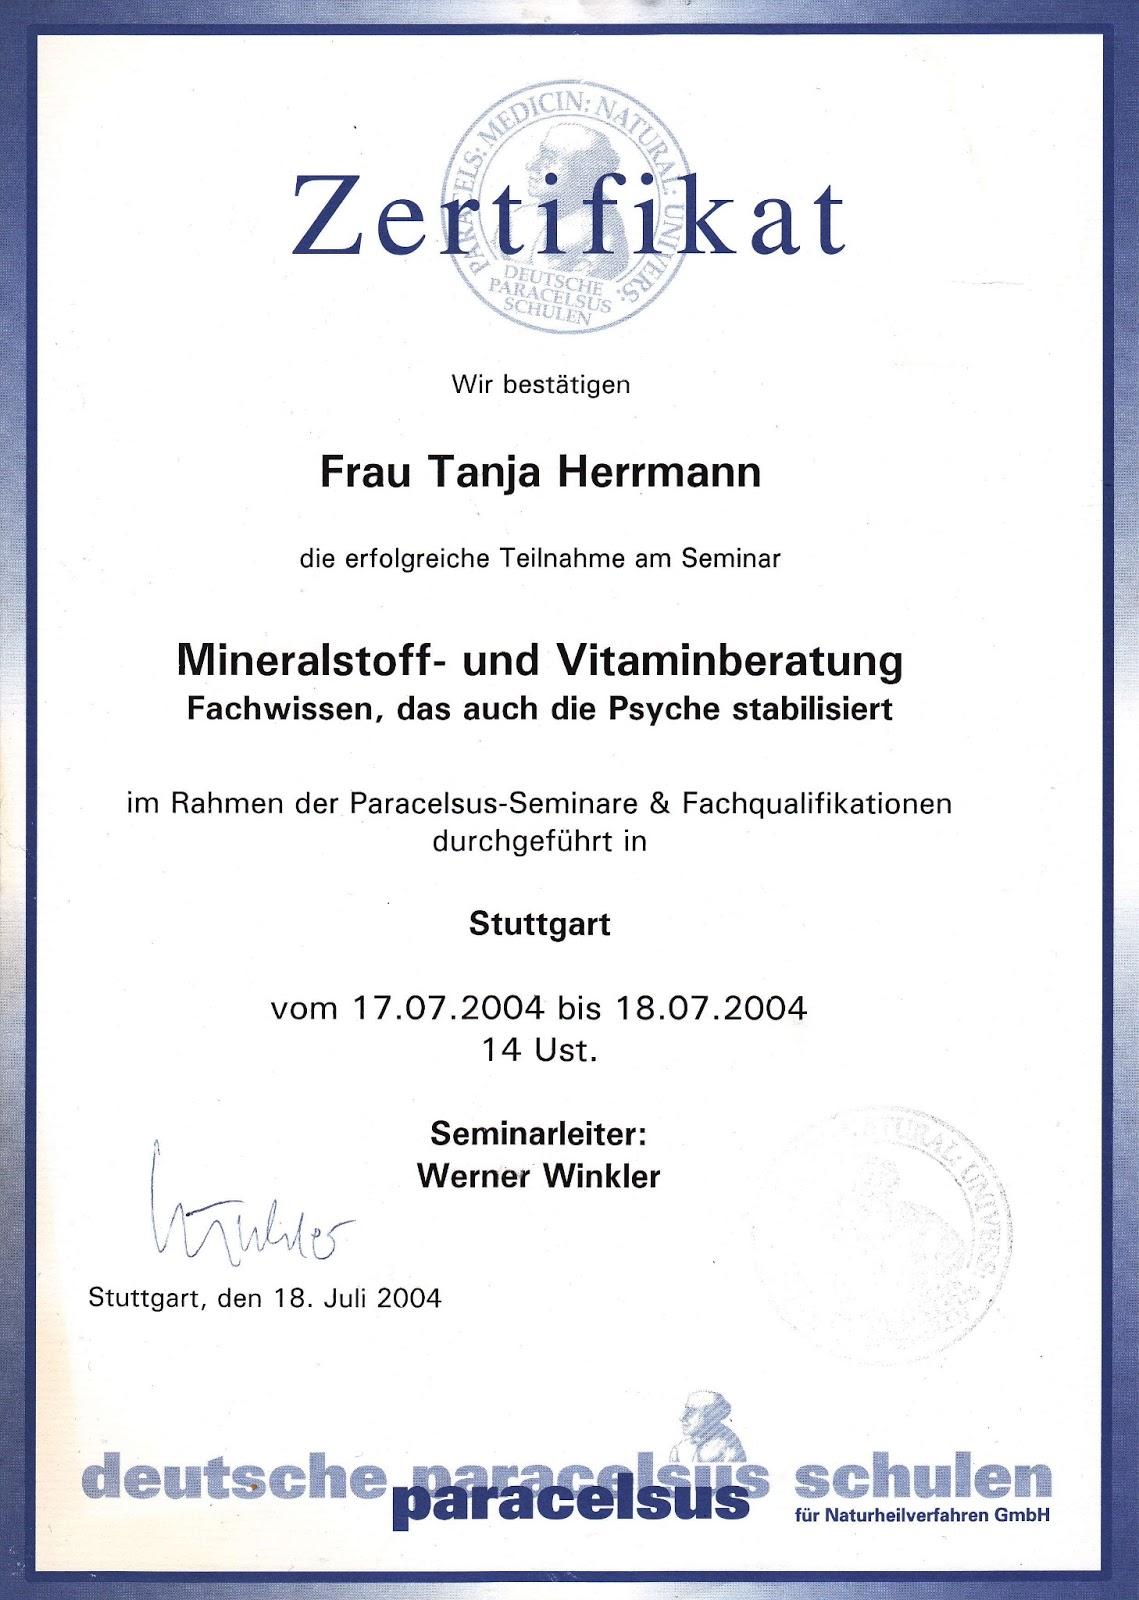 Atemberaubend Spaß Zertifikat Vorlagen Galerie - Entry Level Resume ...